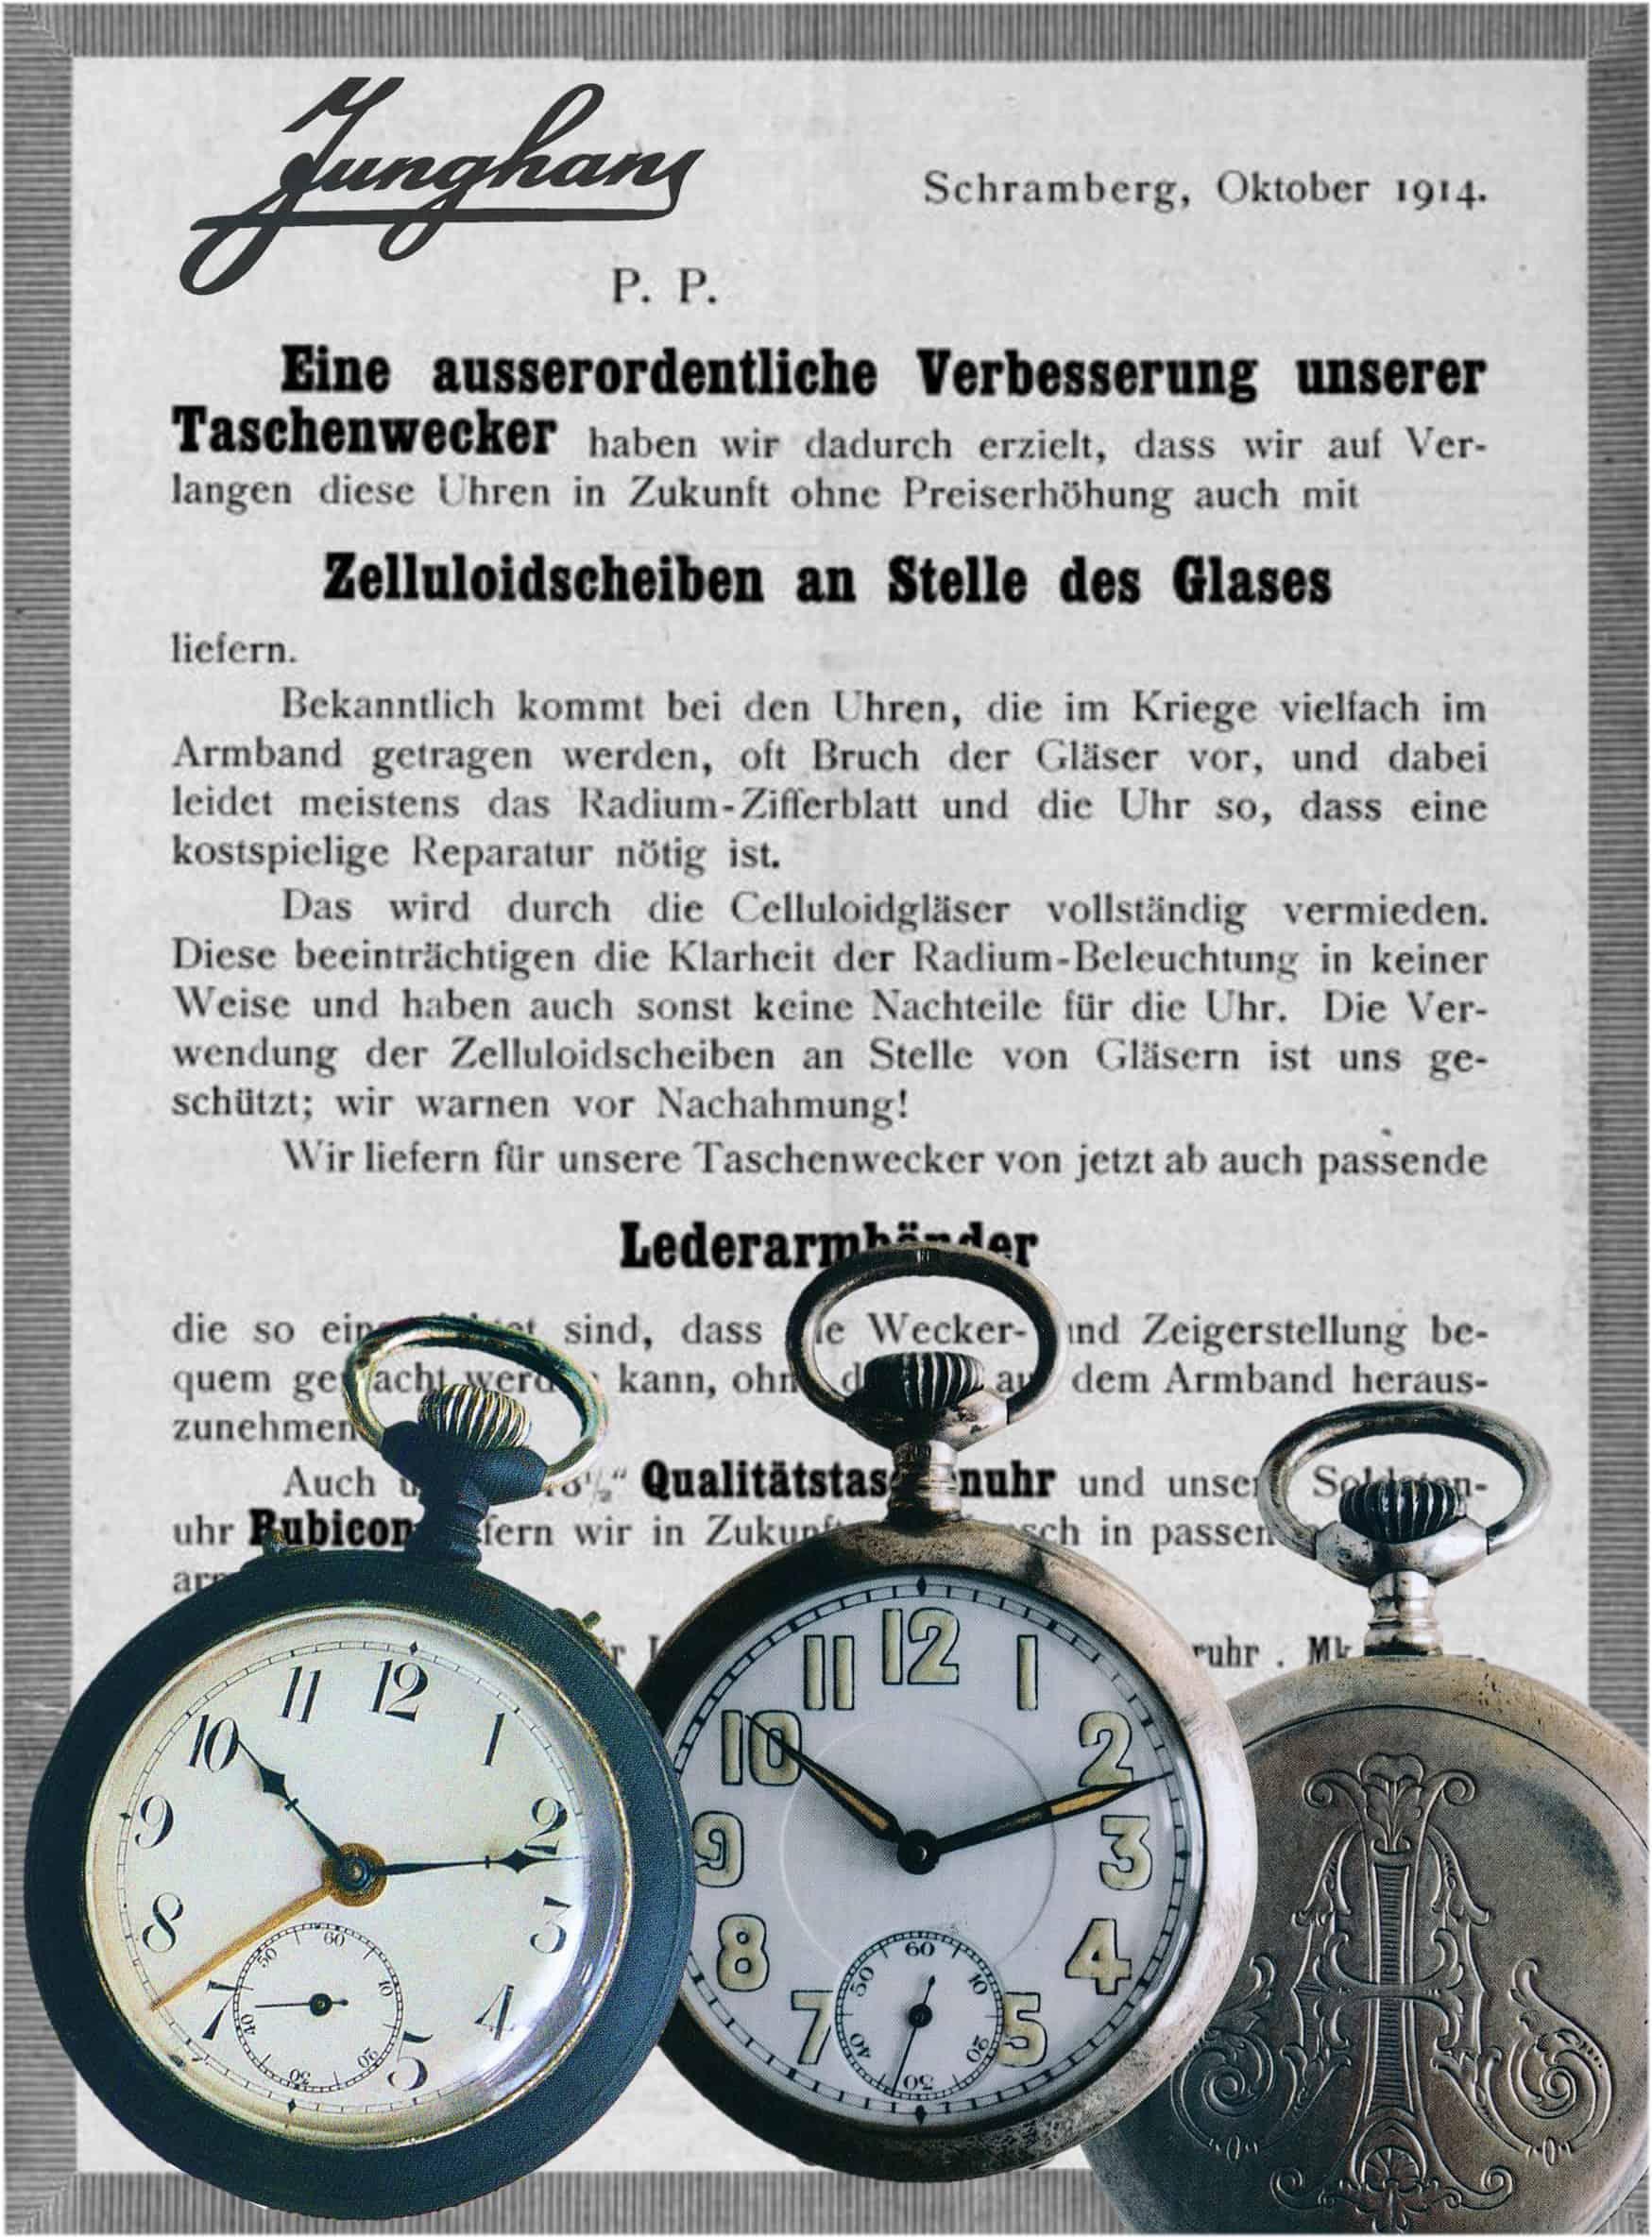 Junghans Taschenuhren um 1914